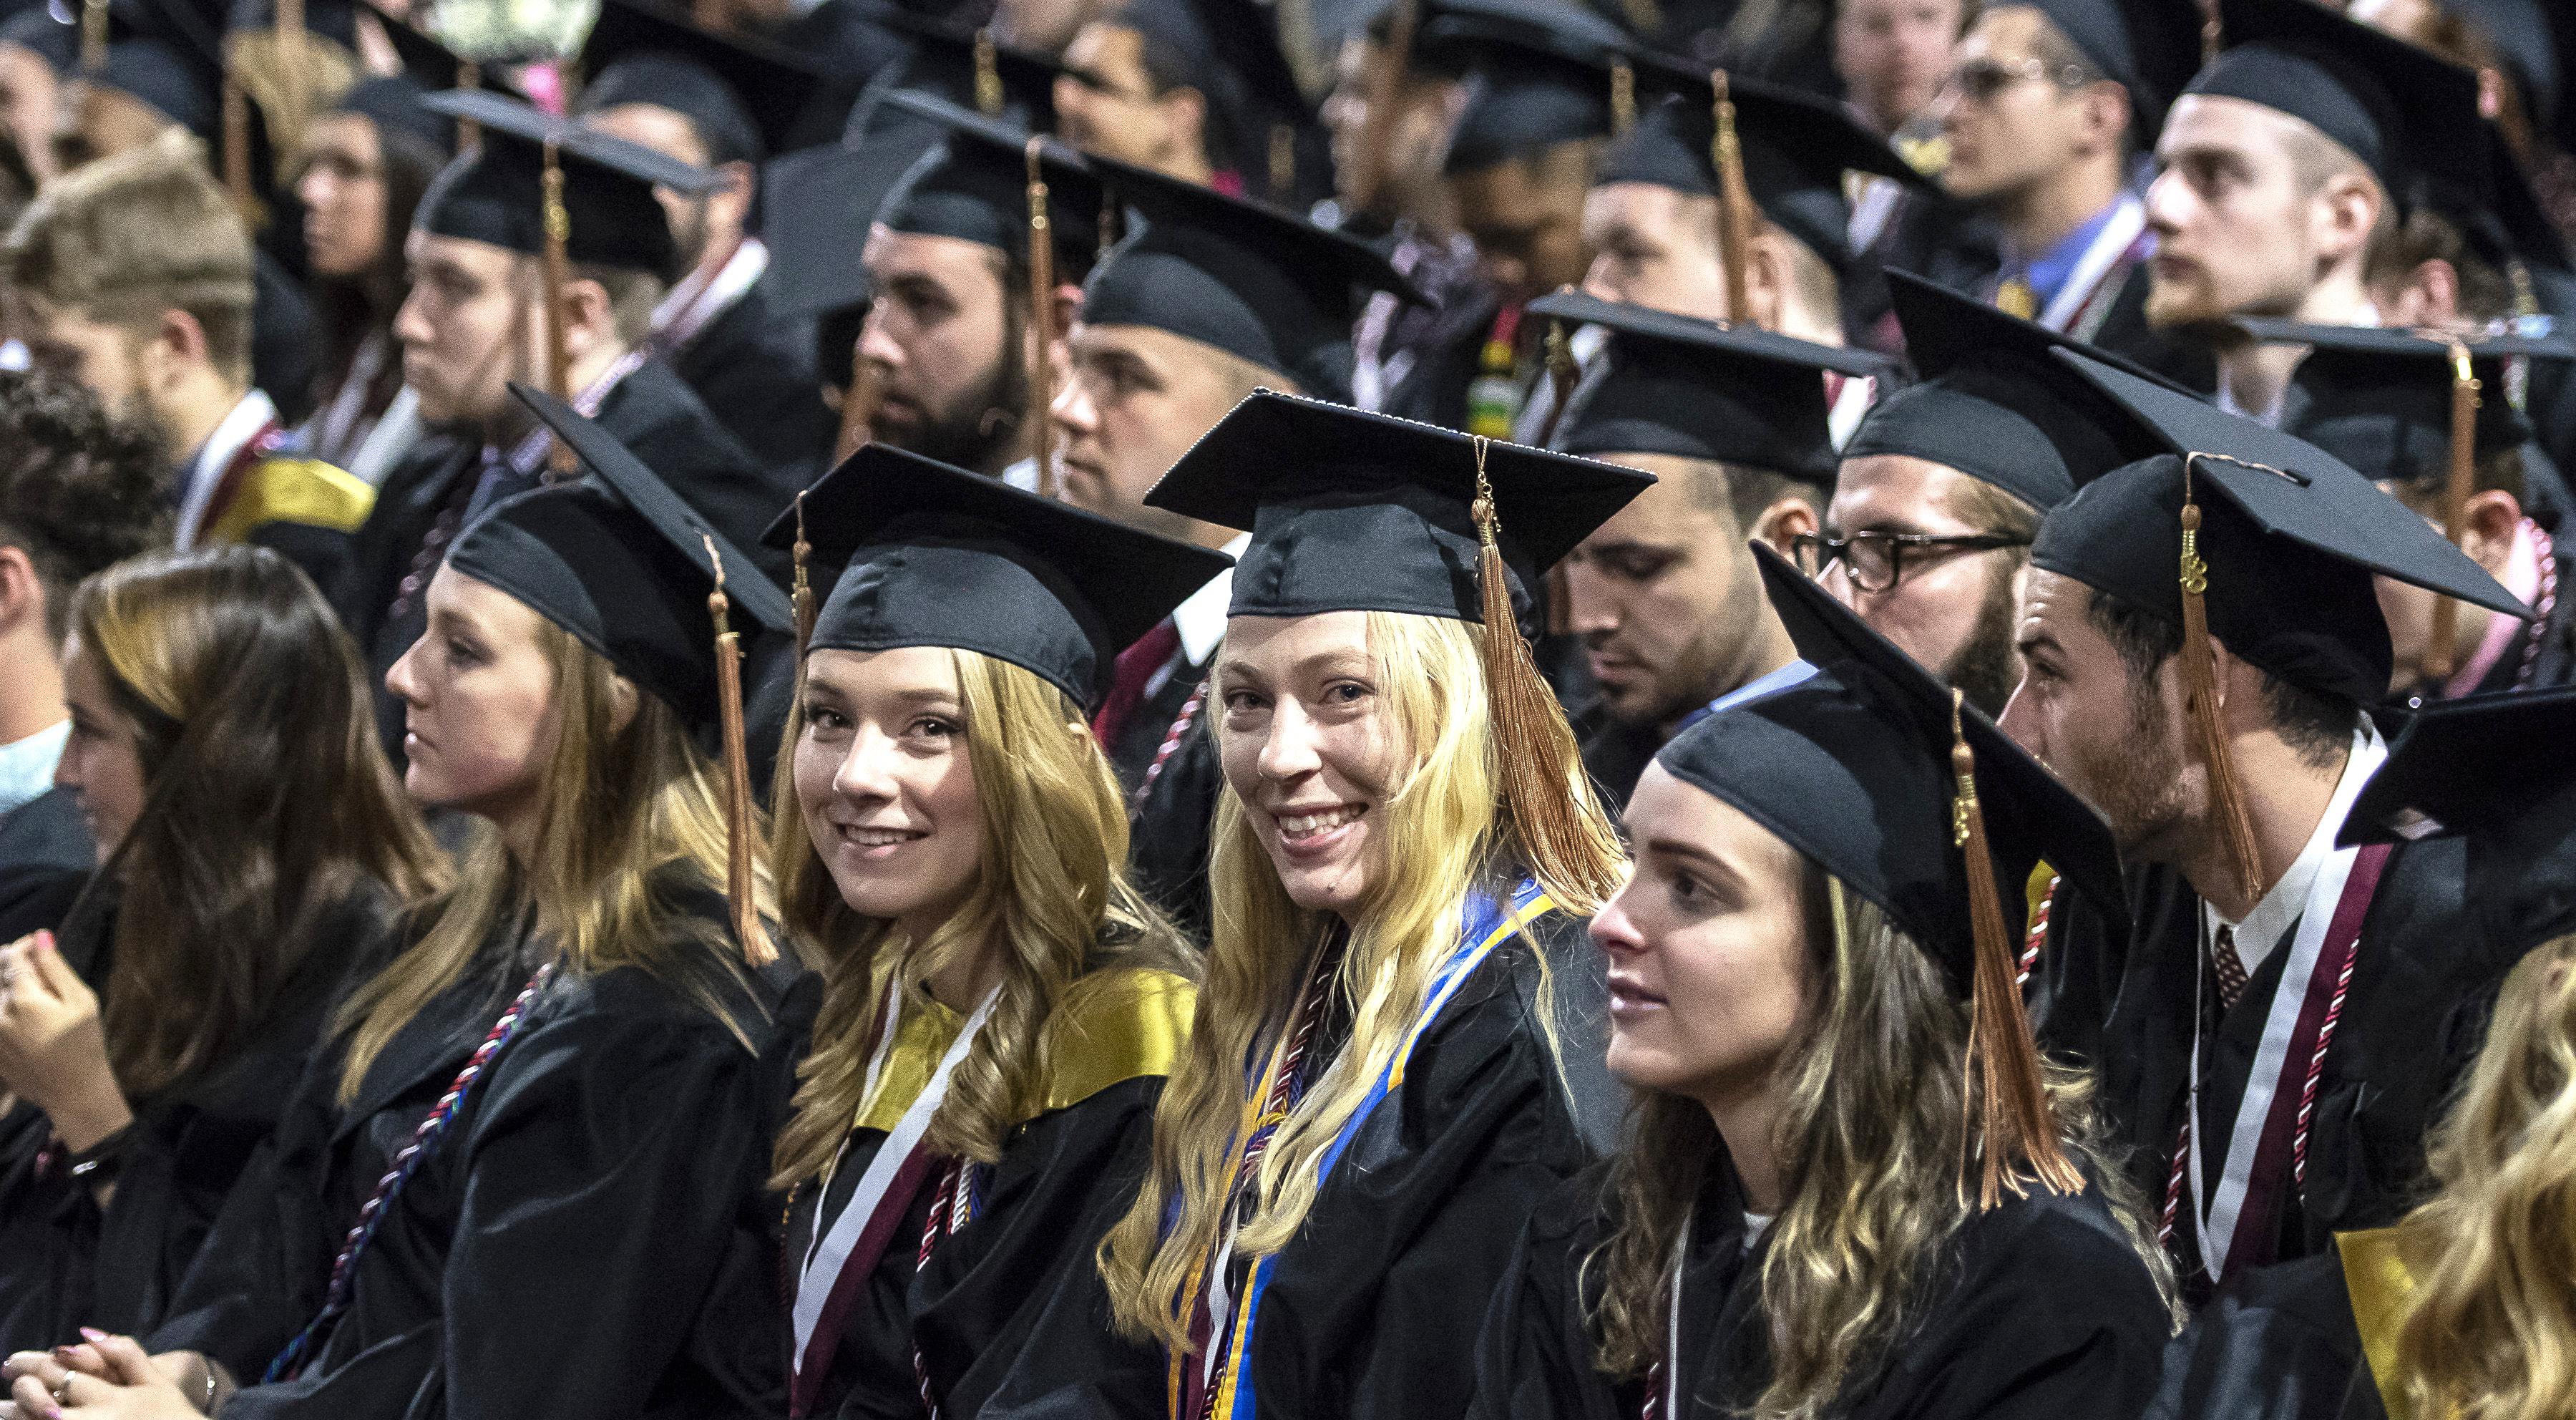 2018 Isenberg Senior Celebration Graduate photo